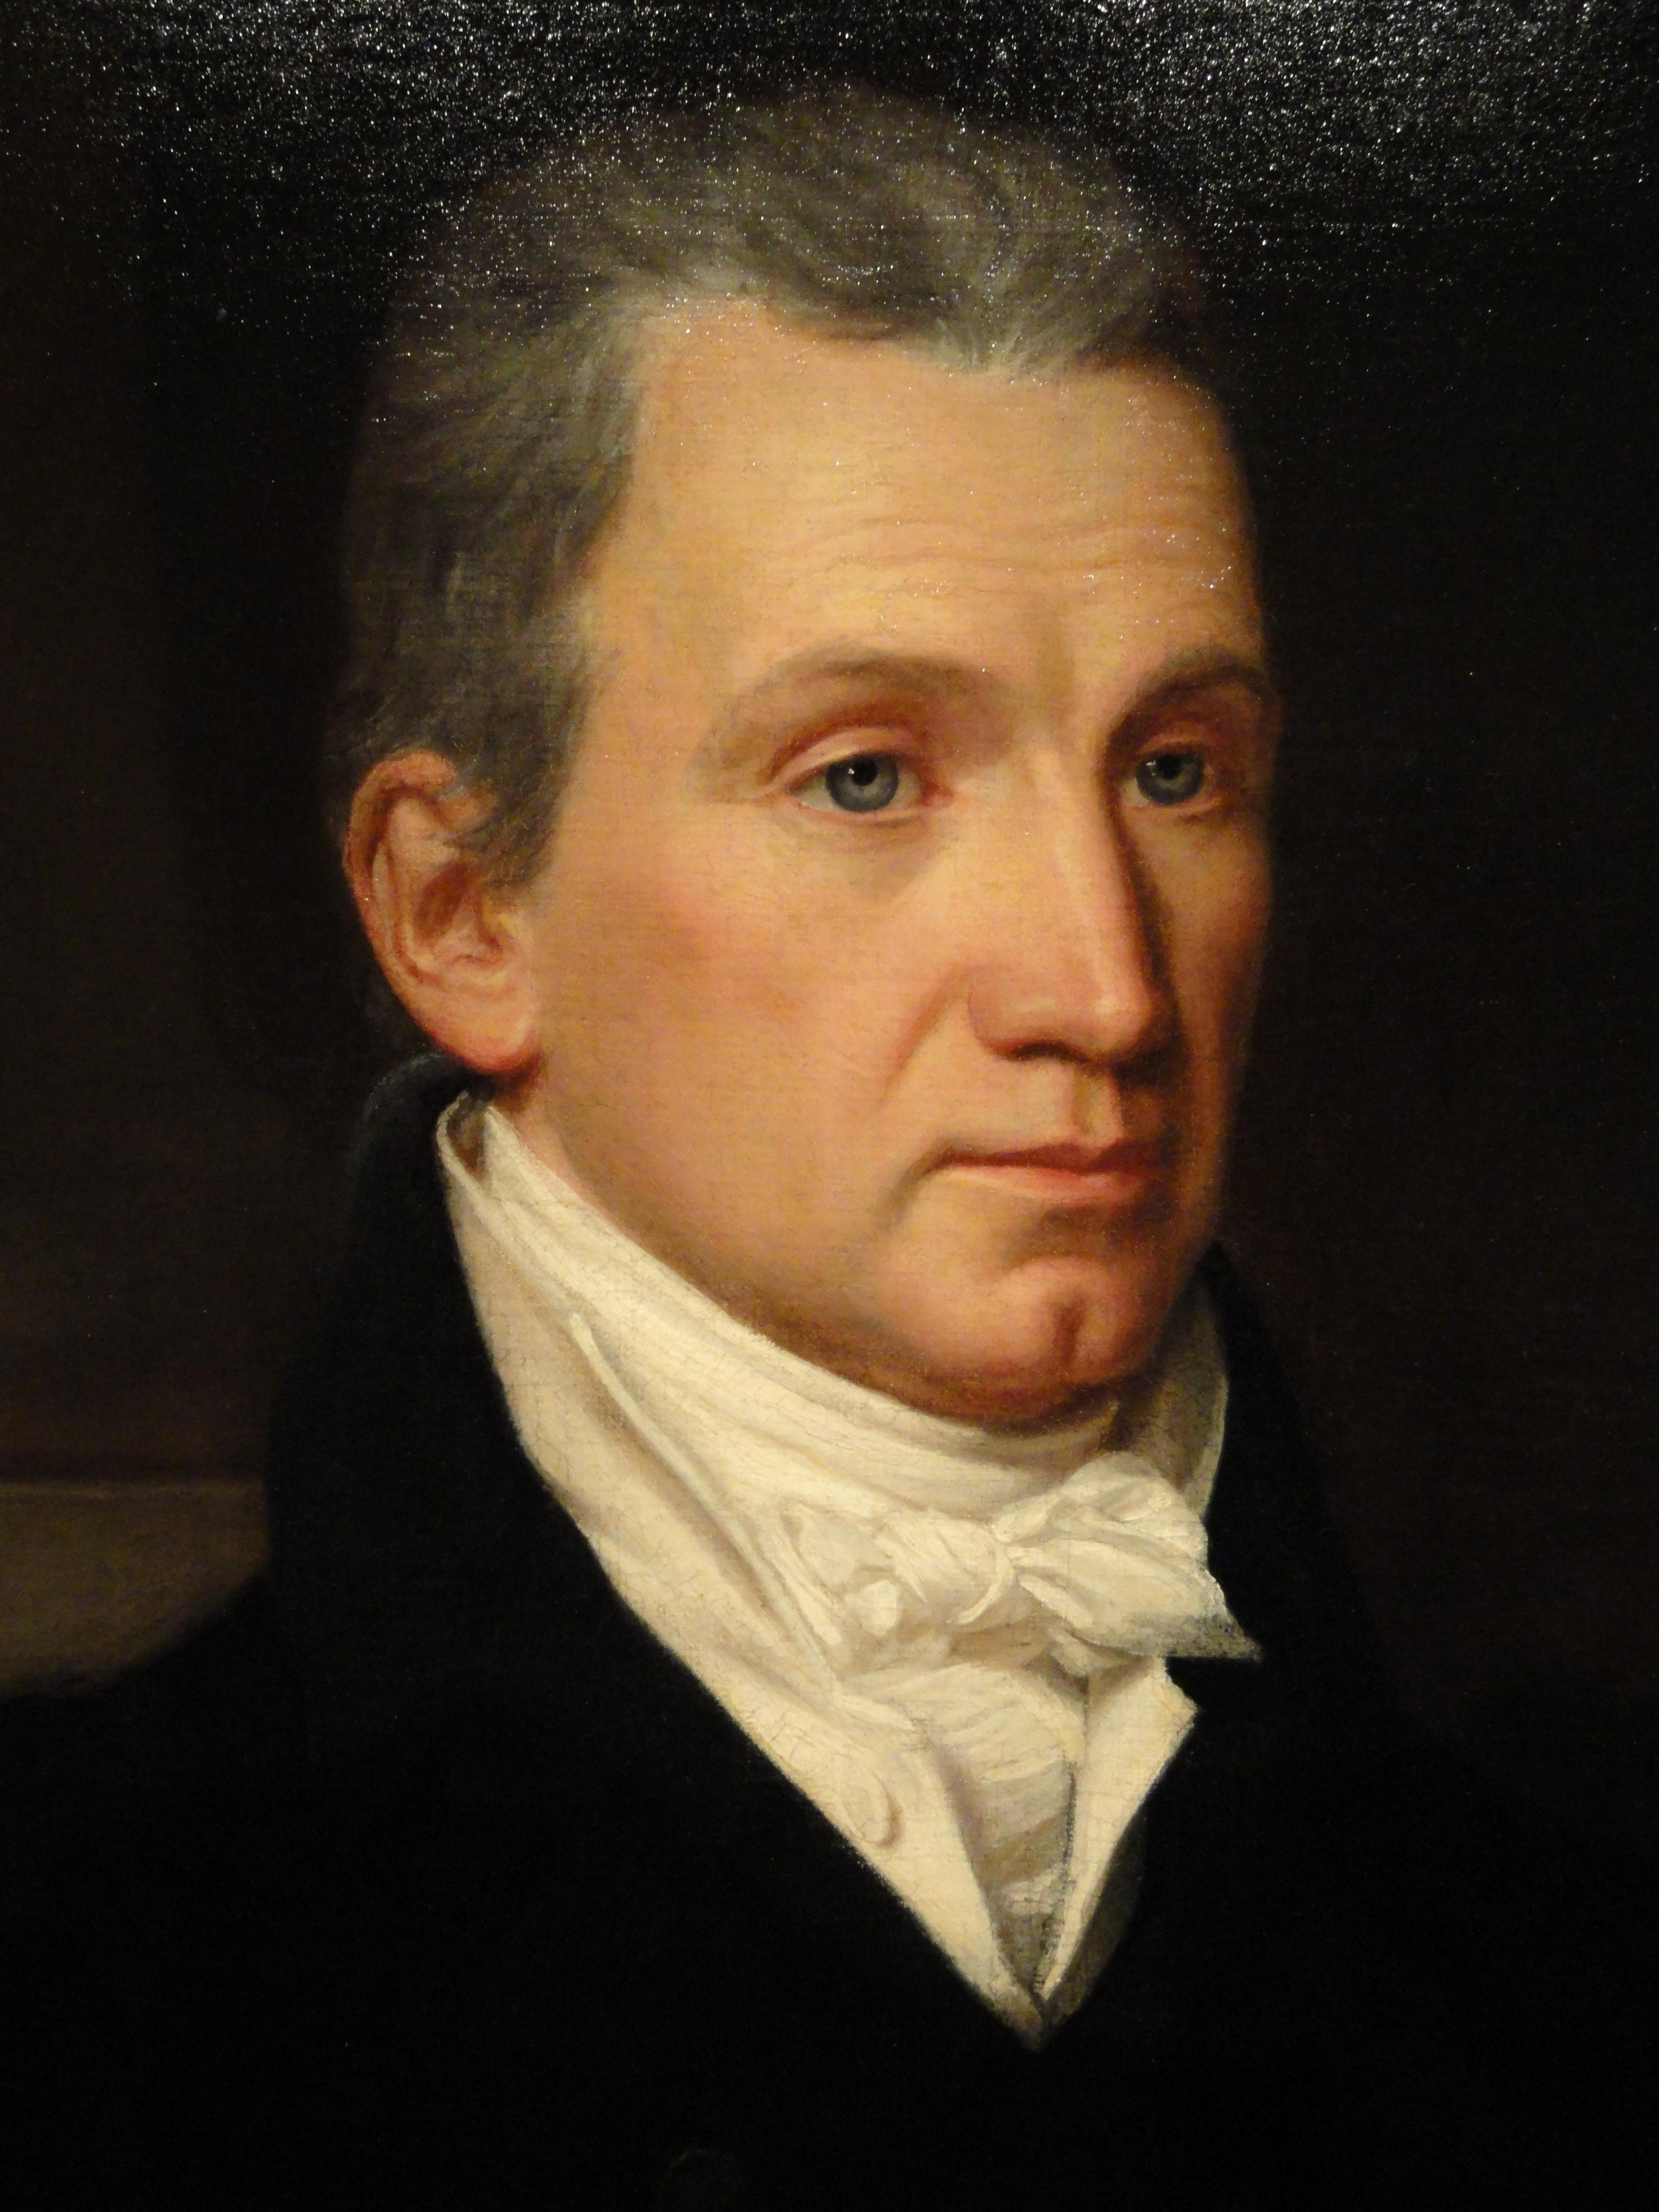 james monroe by john vanderlyn detail 1816